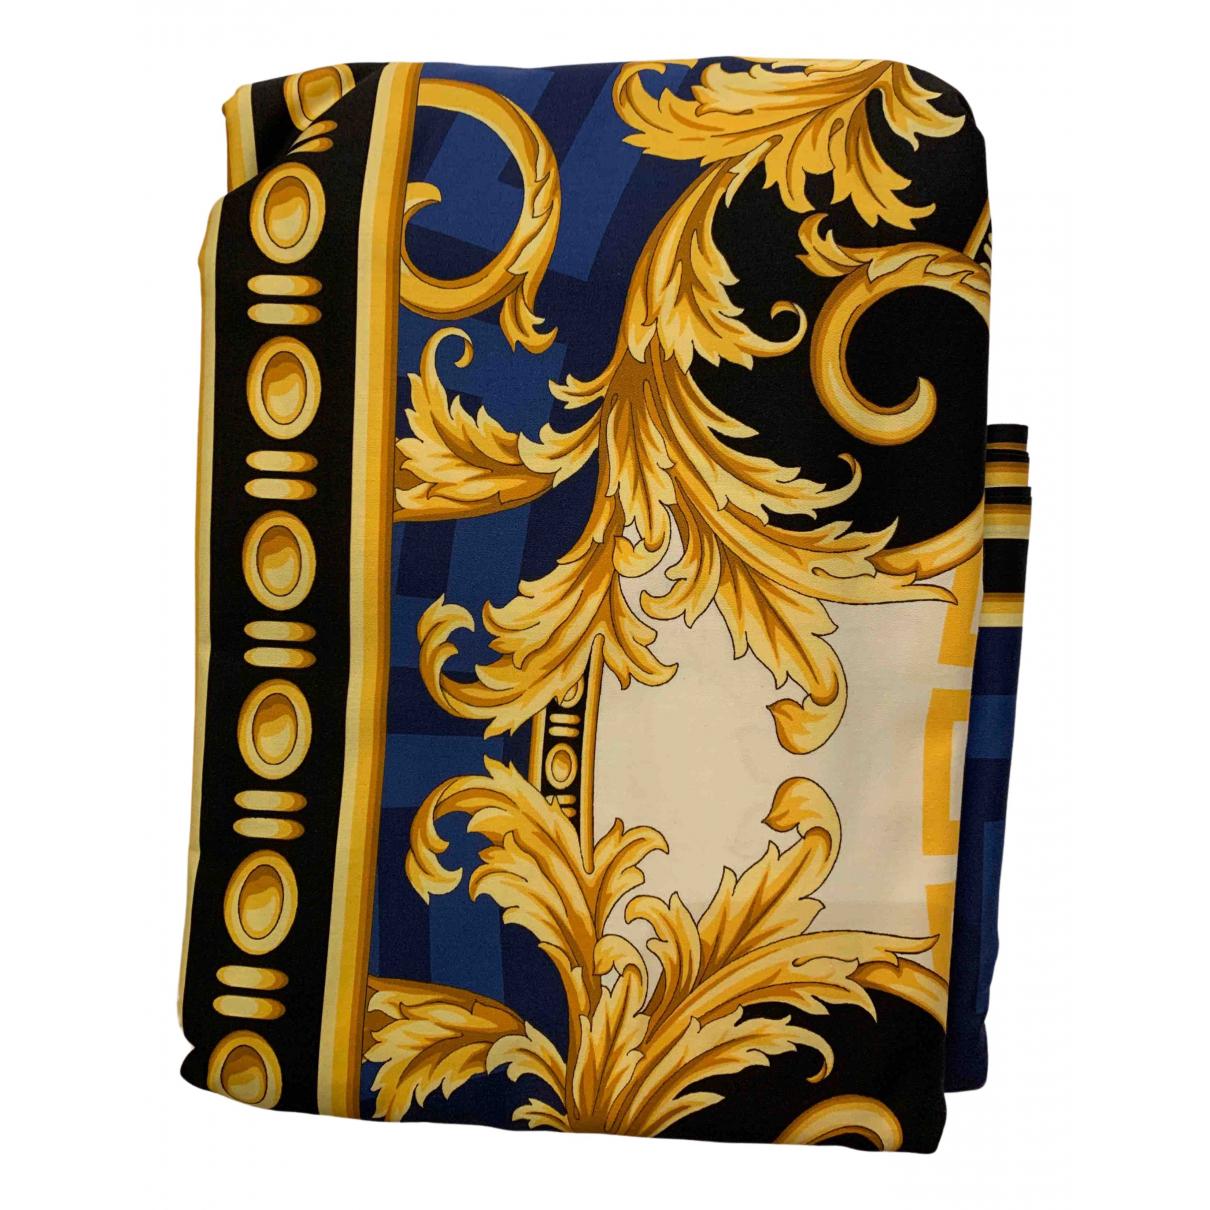 Versace - Linge de maison   pour lifestyle en coton